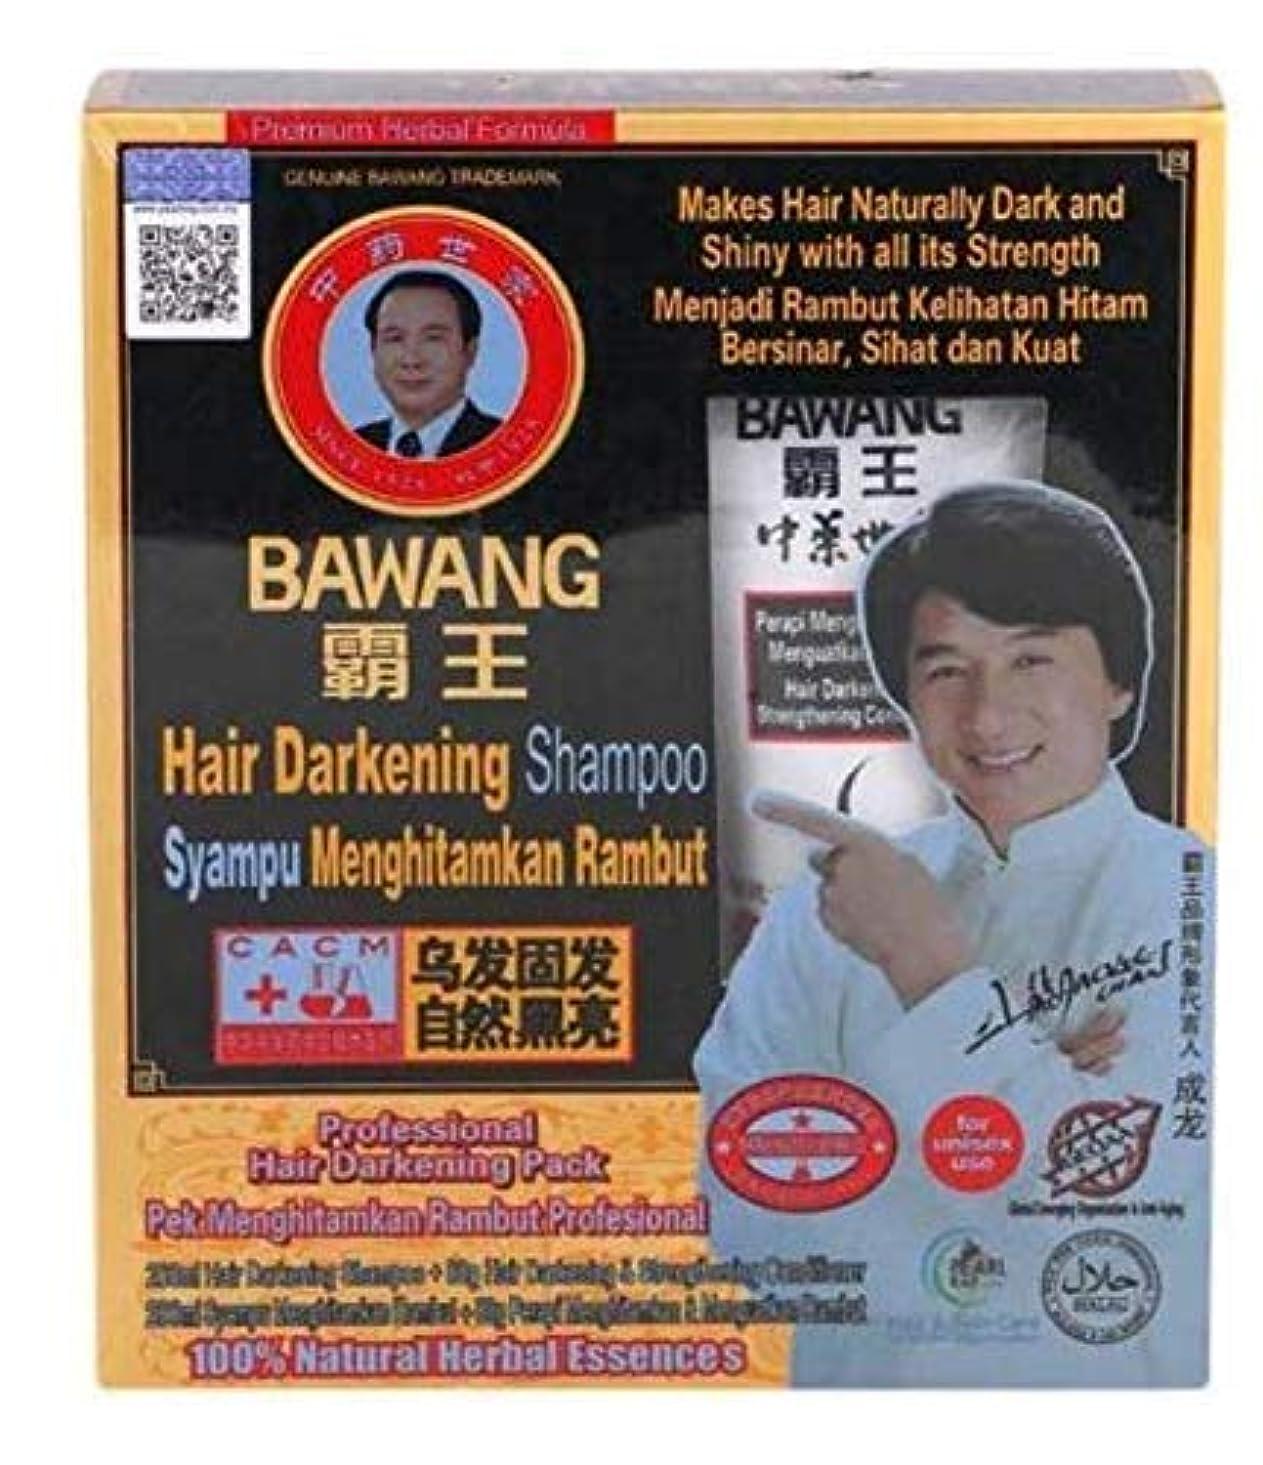 恩恵今日年齢BAWANG プロフェッショナル髪黒い袋200ミリリットル+ 80グラム